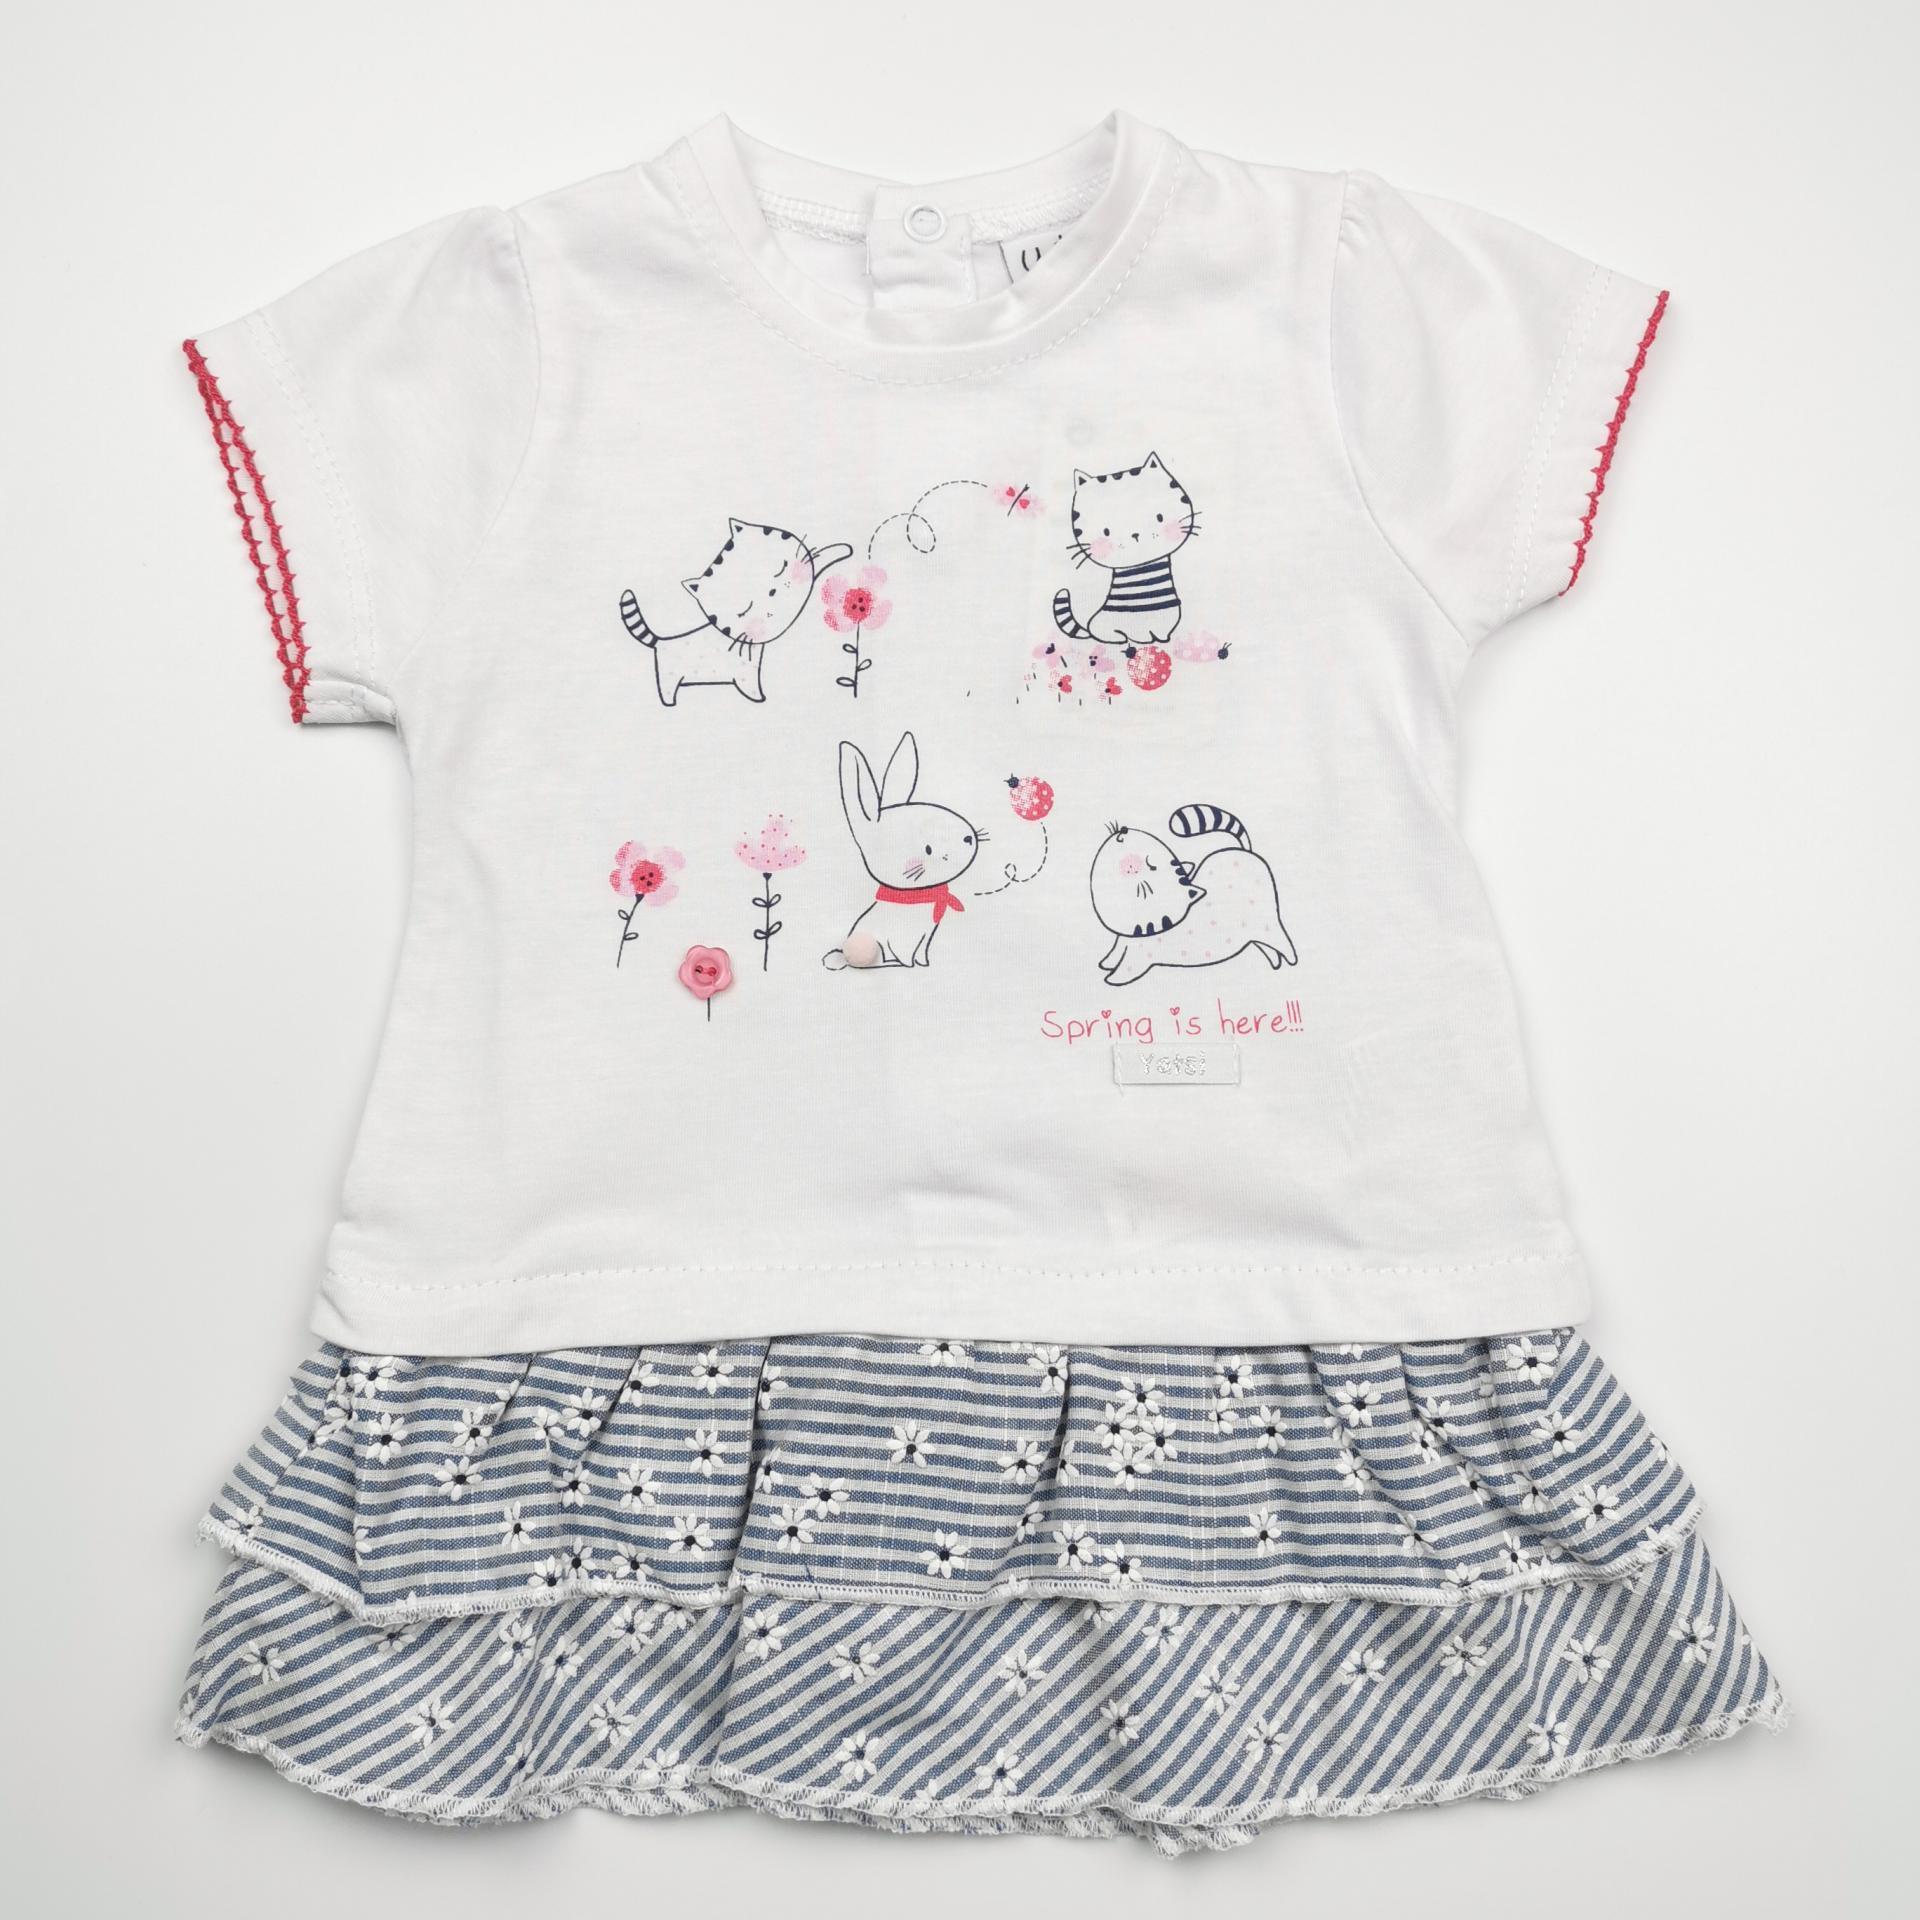 Vestido de niña Spring